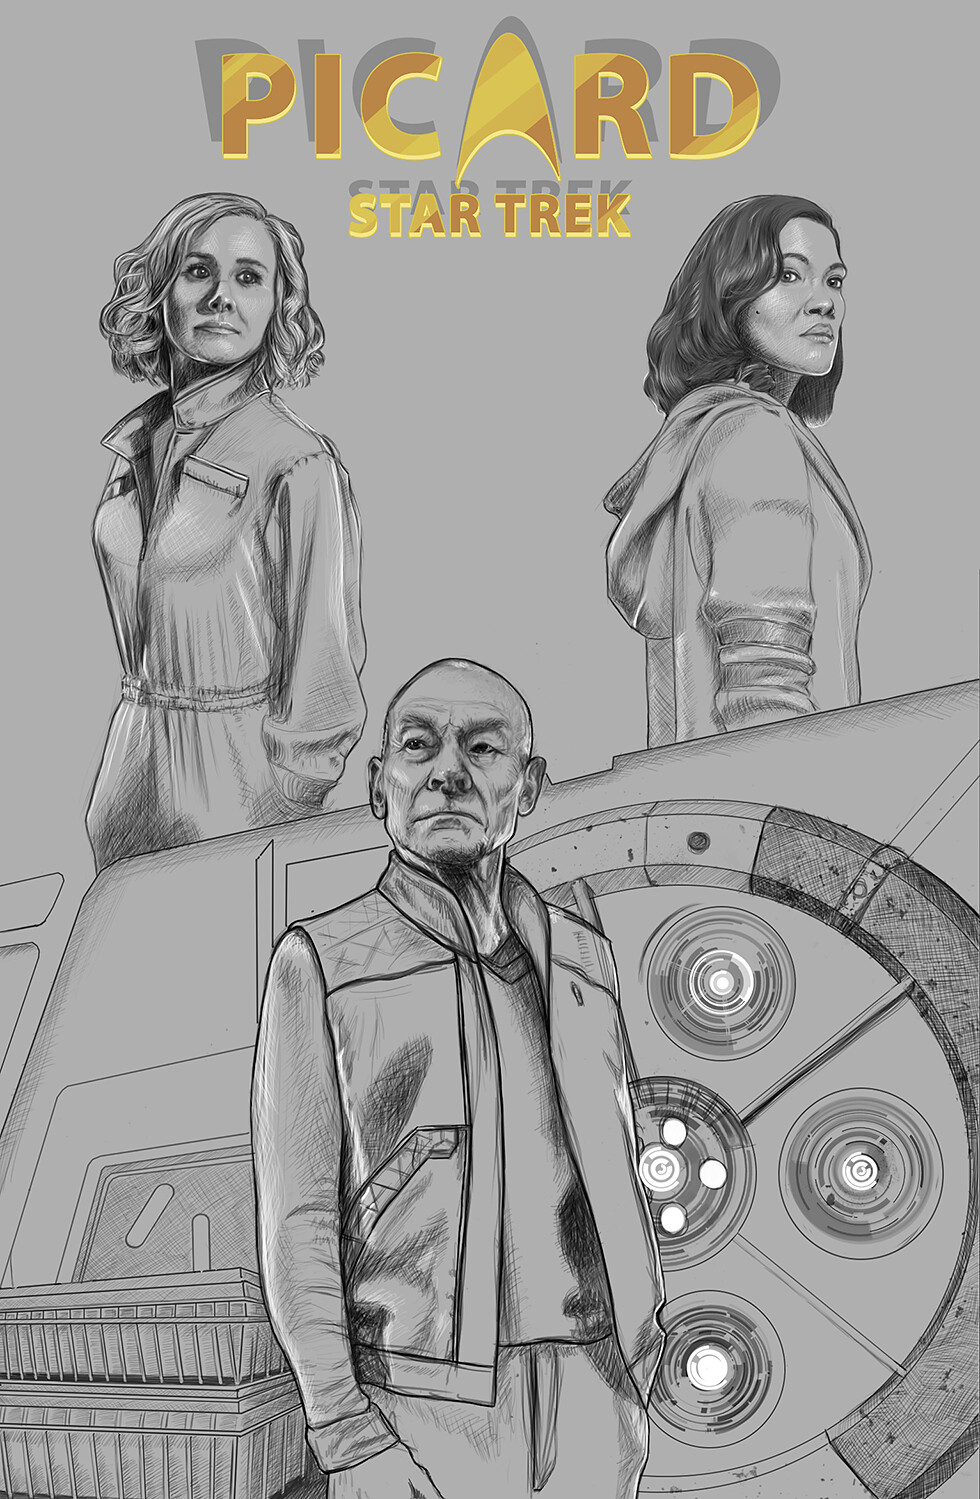 Final sketching